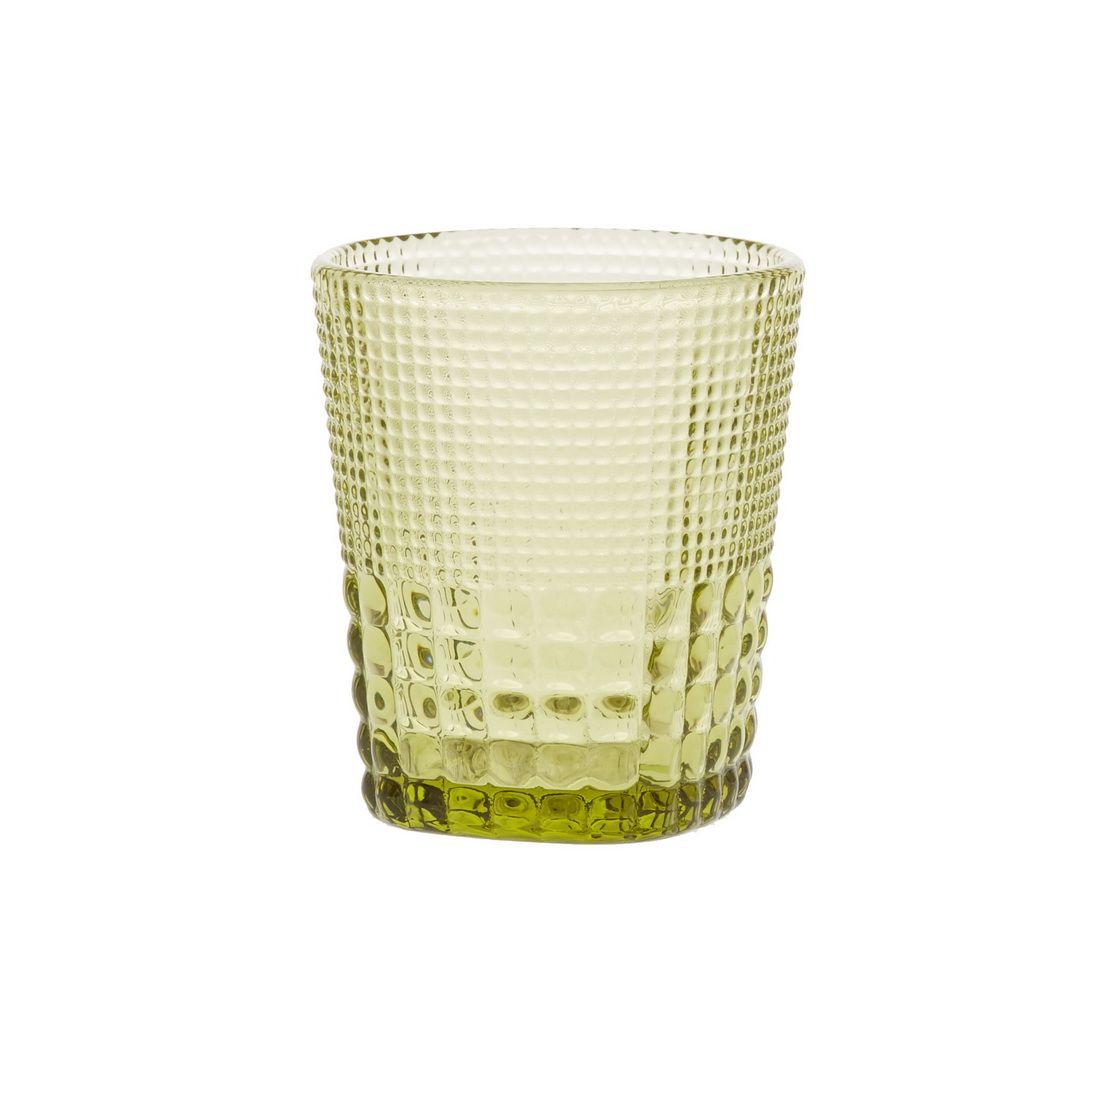 Стакан для напитков Royal drops, оливковыйСтакан для напитков Ройял дропс имеет удобную форму с легким расширением к верхней части. Поверхность стакана украшена рельефным узором, очень приятным на ощупь, который также помогает надежно держать емкость в руке. Стакан изготовлен известным производителем качественного кухонного инвентаря Магиа Густо. Его толстое стекло приятного оливкового цвета помогает дольше сохранить первоначальную температуру налитого в стакан напитка. Эстетичный дизайн стакана Ройял Дропс поможет украсить сервировку стола.<br>